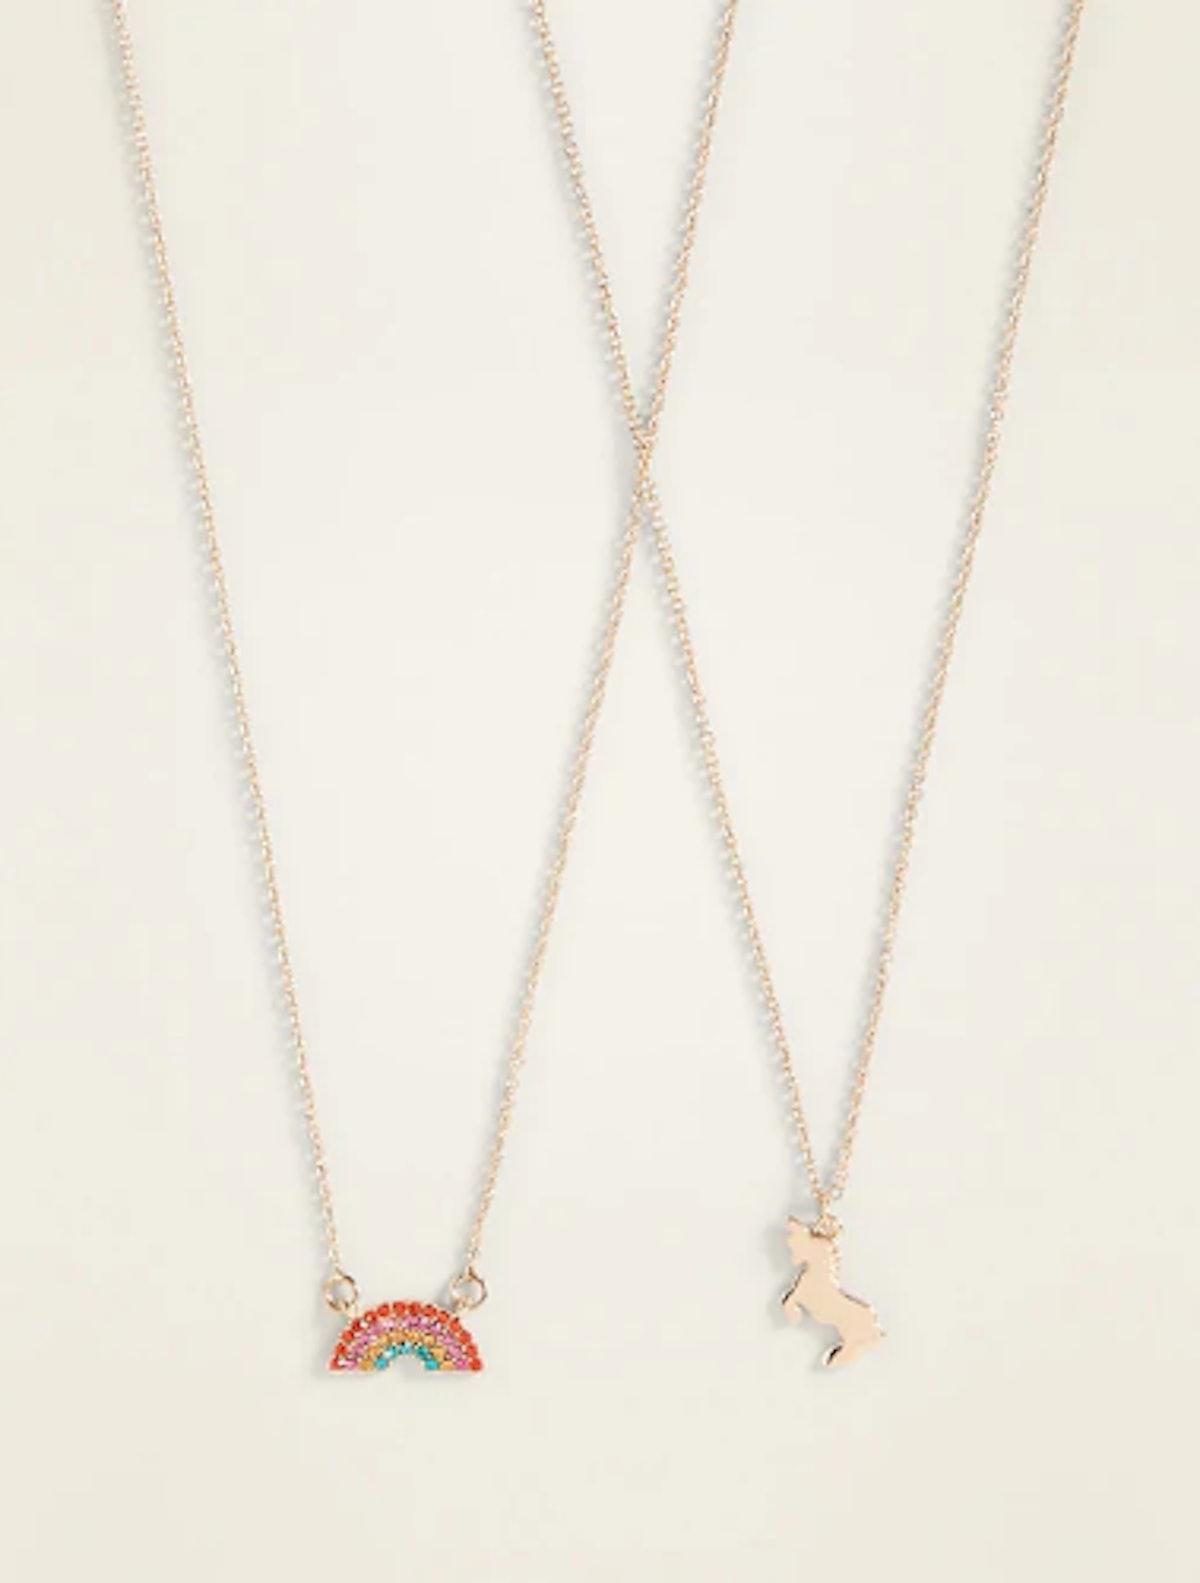 Pendant Friendship Necklace 2-Piece Set